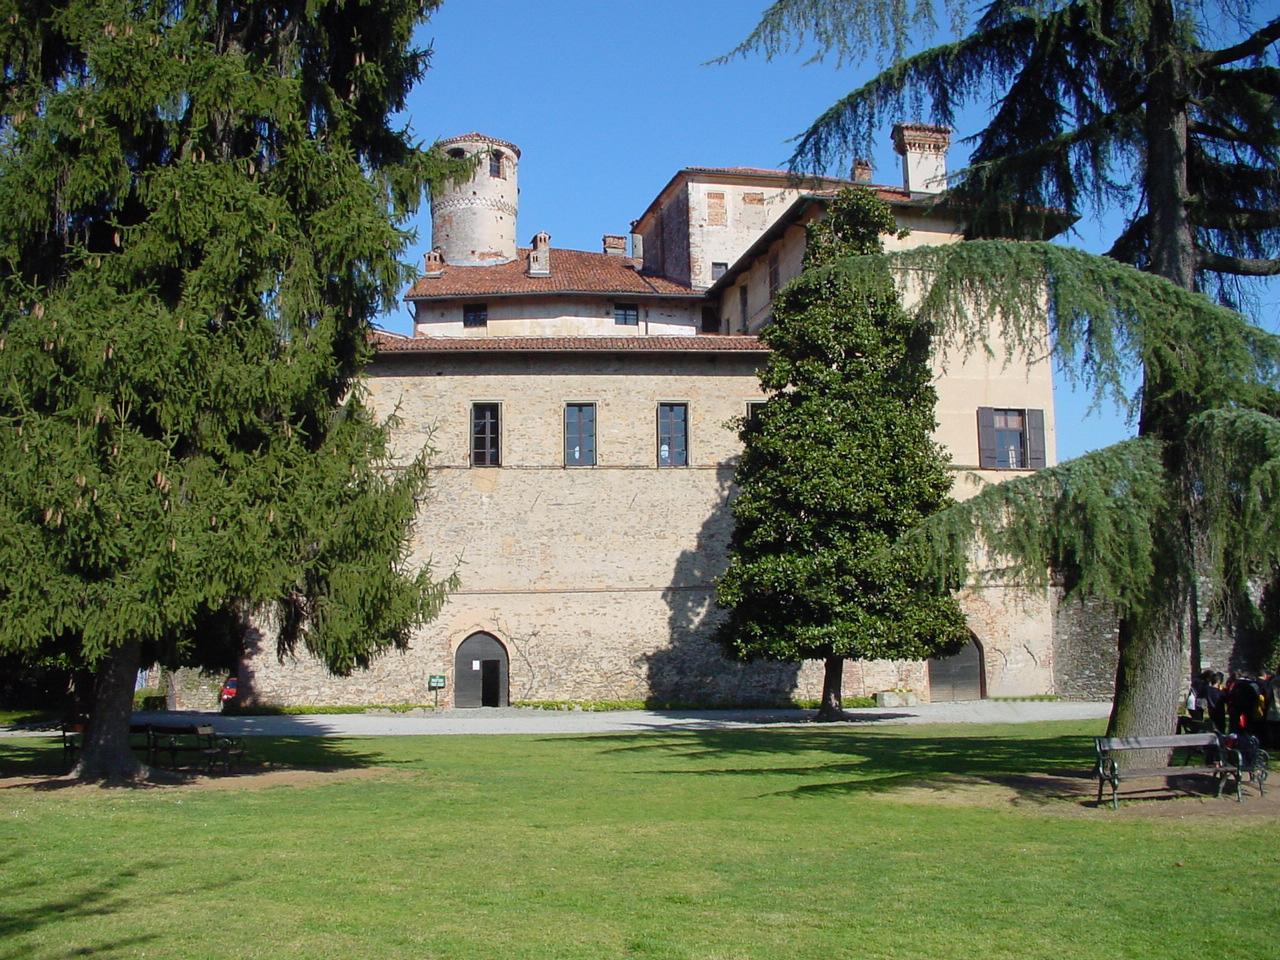 Avventura in Castello